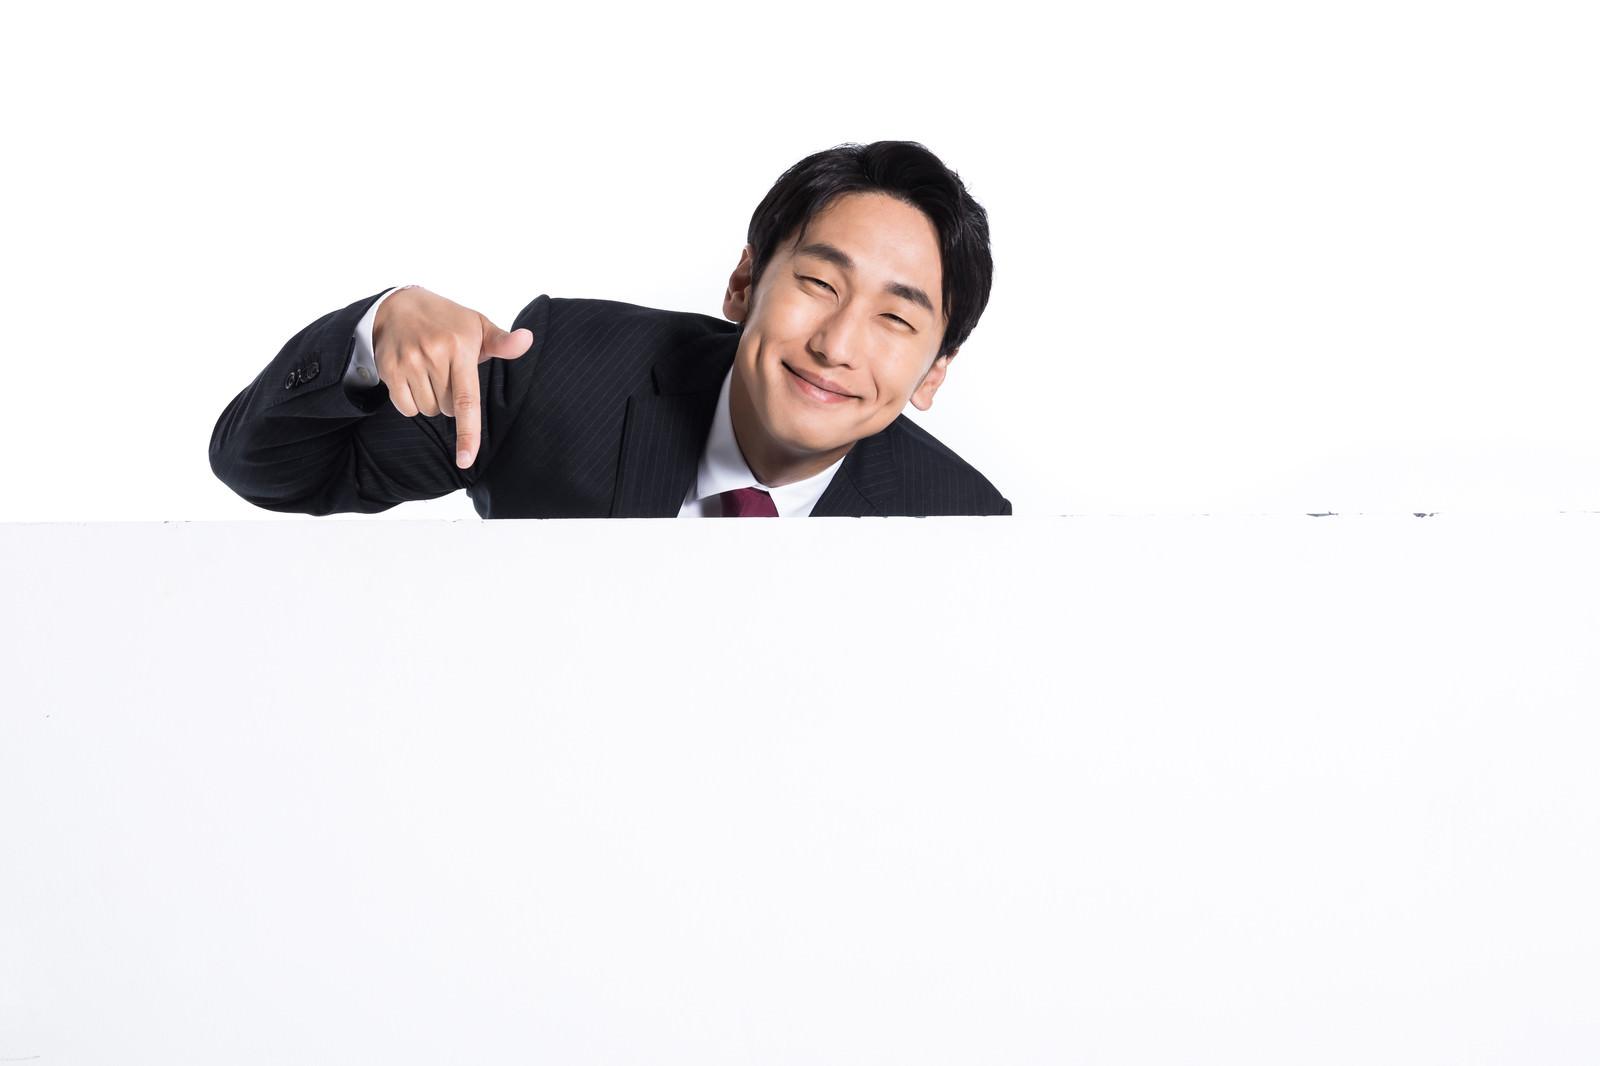 「満面の笑みで下を指さす会社員」の写真[モデル:大川竜弥]